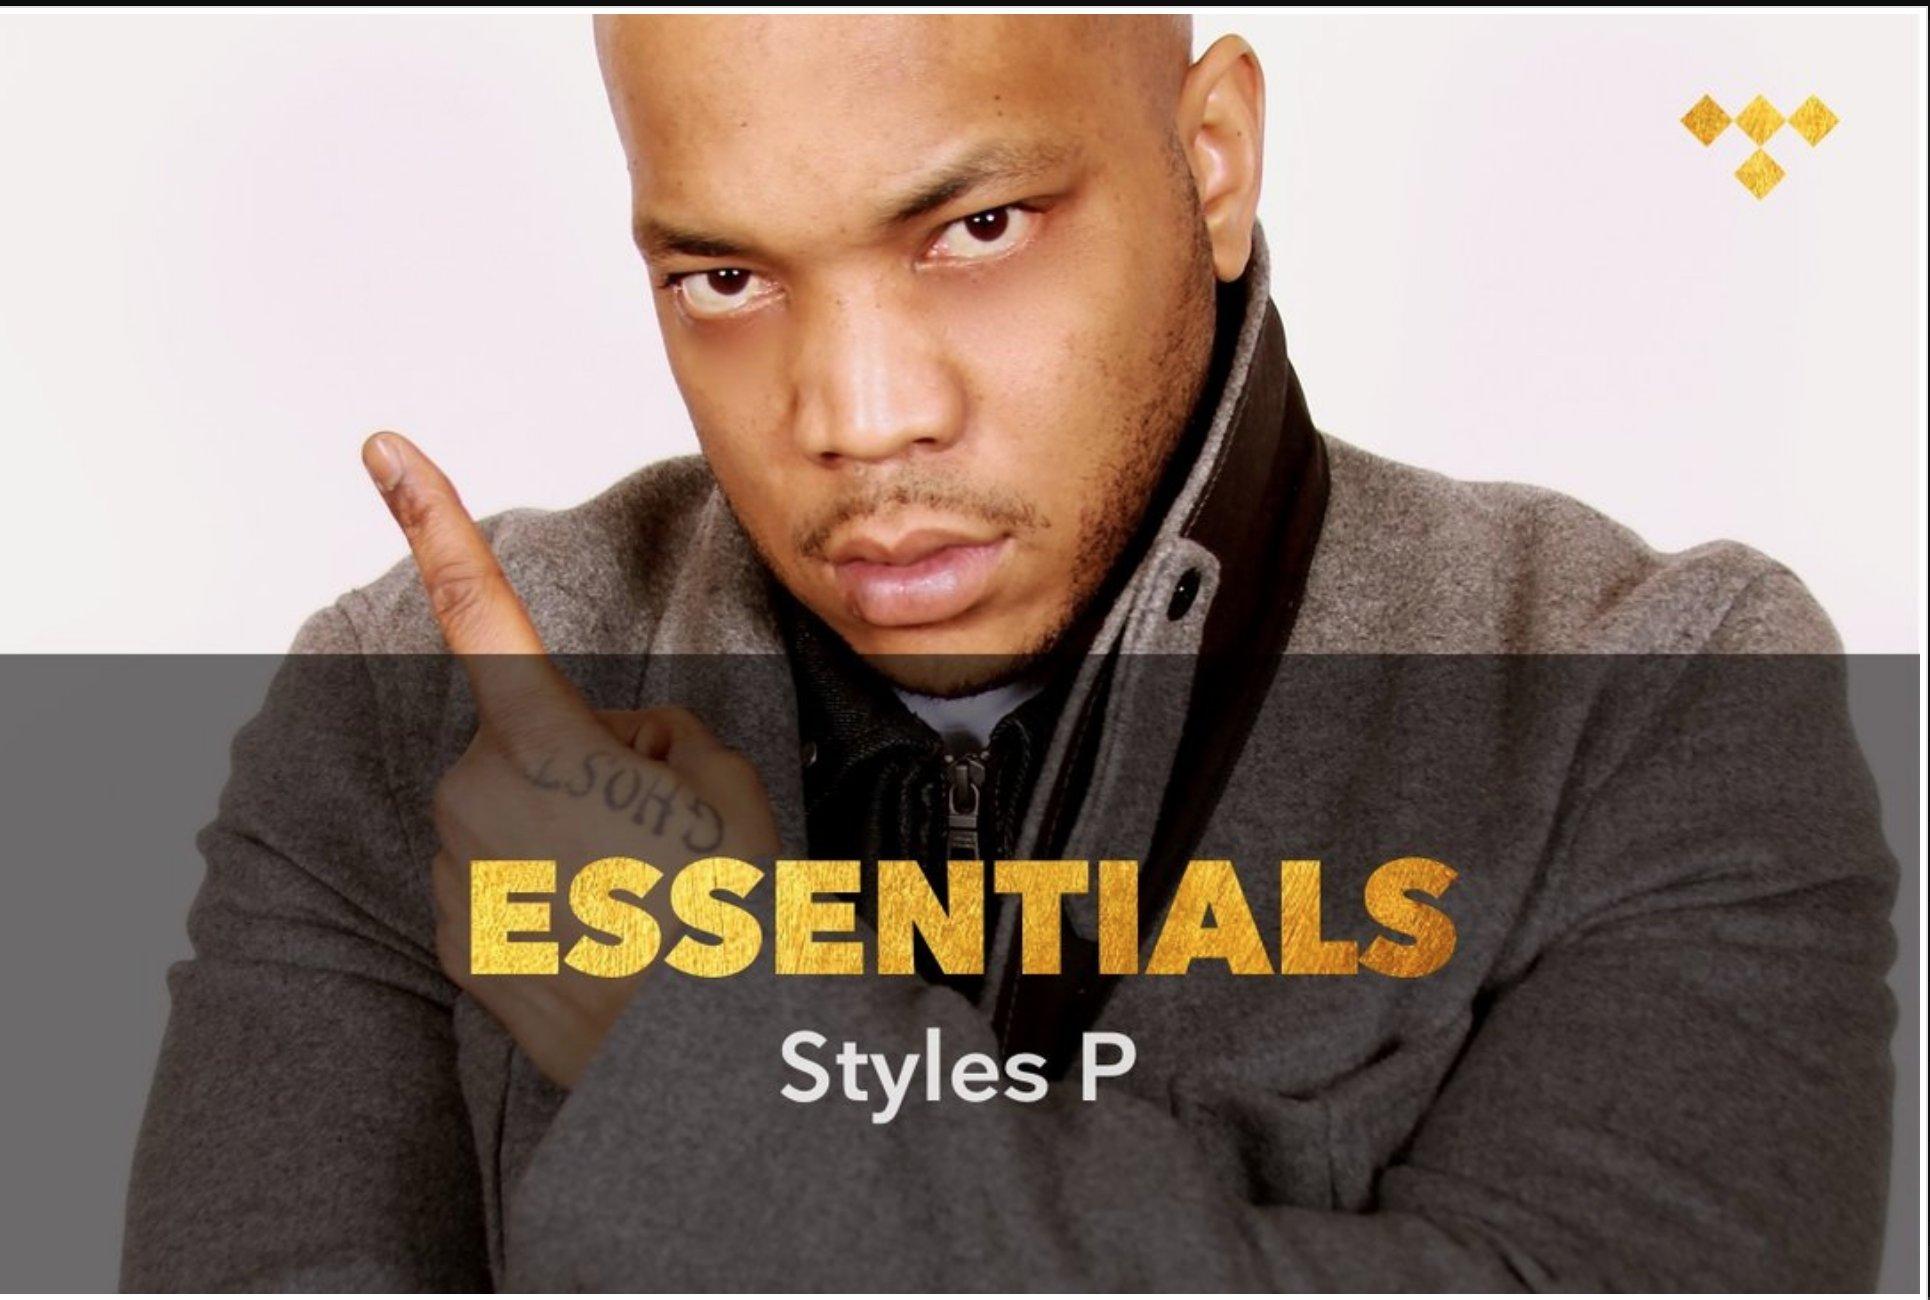 Styles P Essentials https://t.co/J0j9sSY0i0 #TIDAL https://t.co/qIEexGPbU0